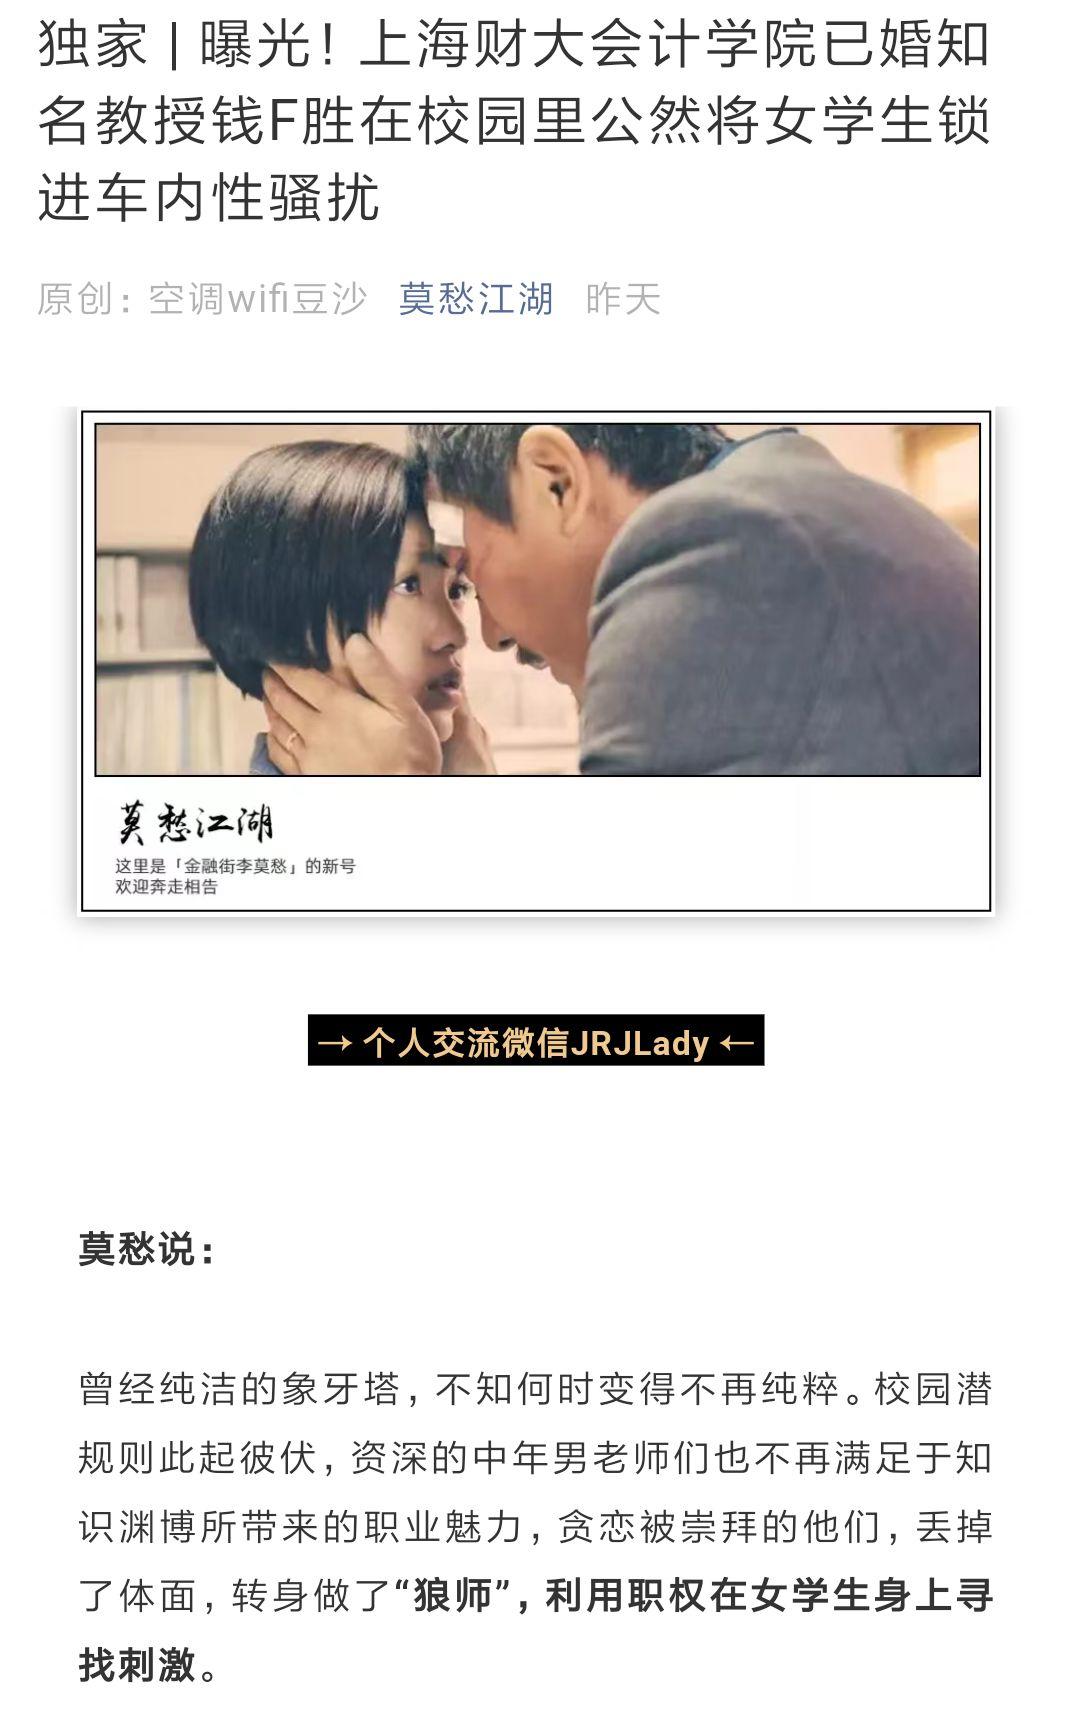 上海一副教授被指将女生锁在车内猥亵,师德失范不容姑息   每日话题